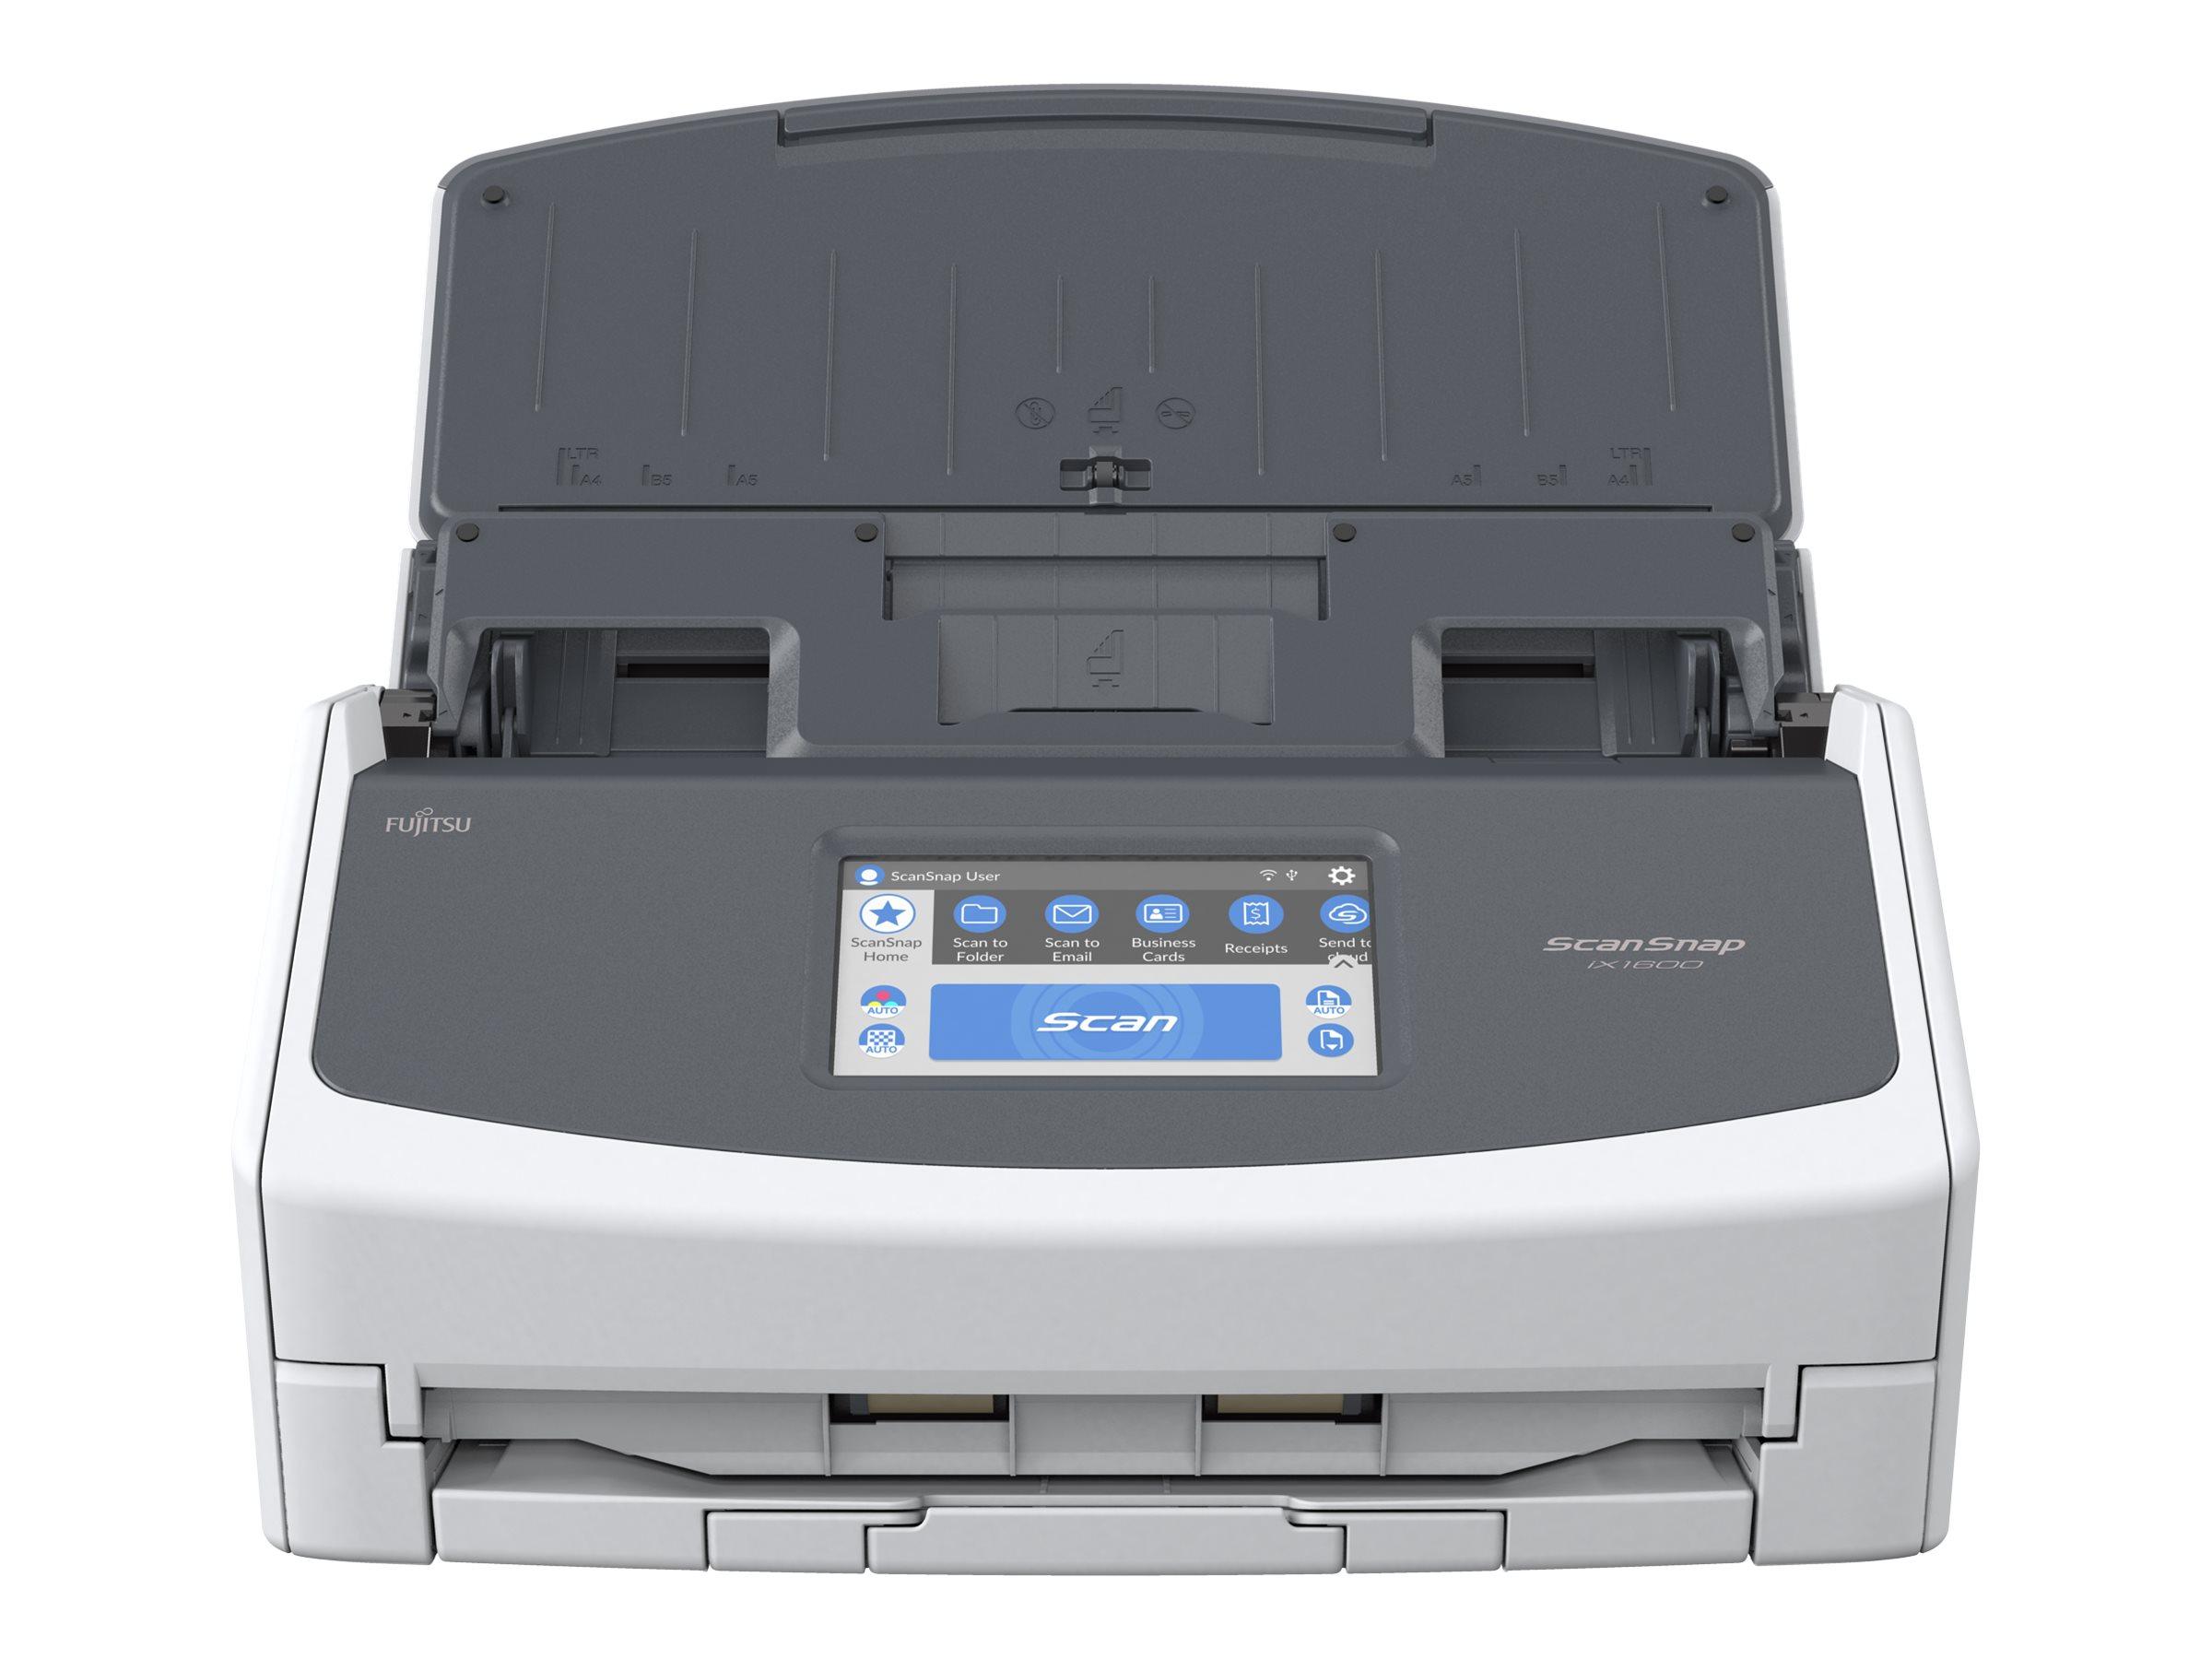 Fujitsu ScanSnap iX1600 - Dokumentenscanner - Dual CIS - Duplex - 279 x 432mm - 600 dpi x 600 dpi - bis zu 40 Seiten/Min